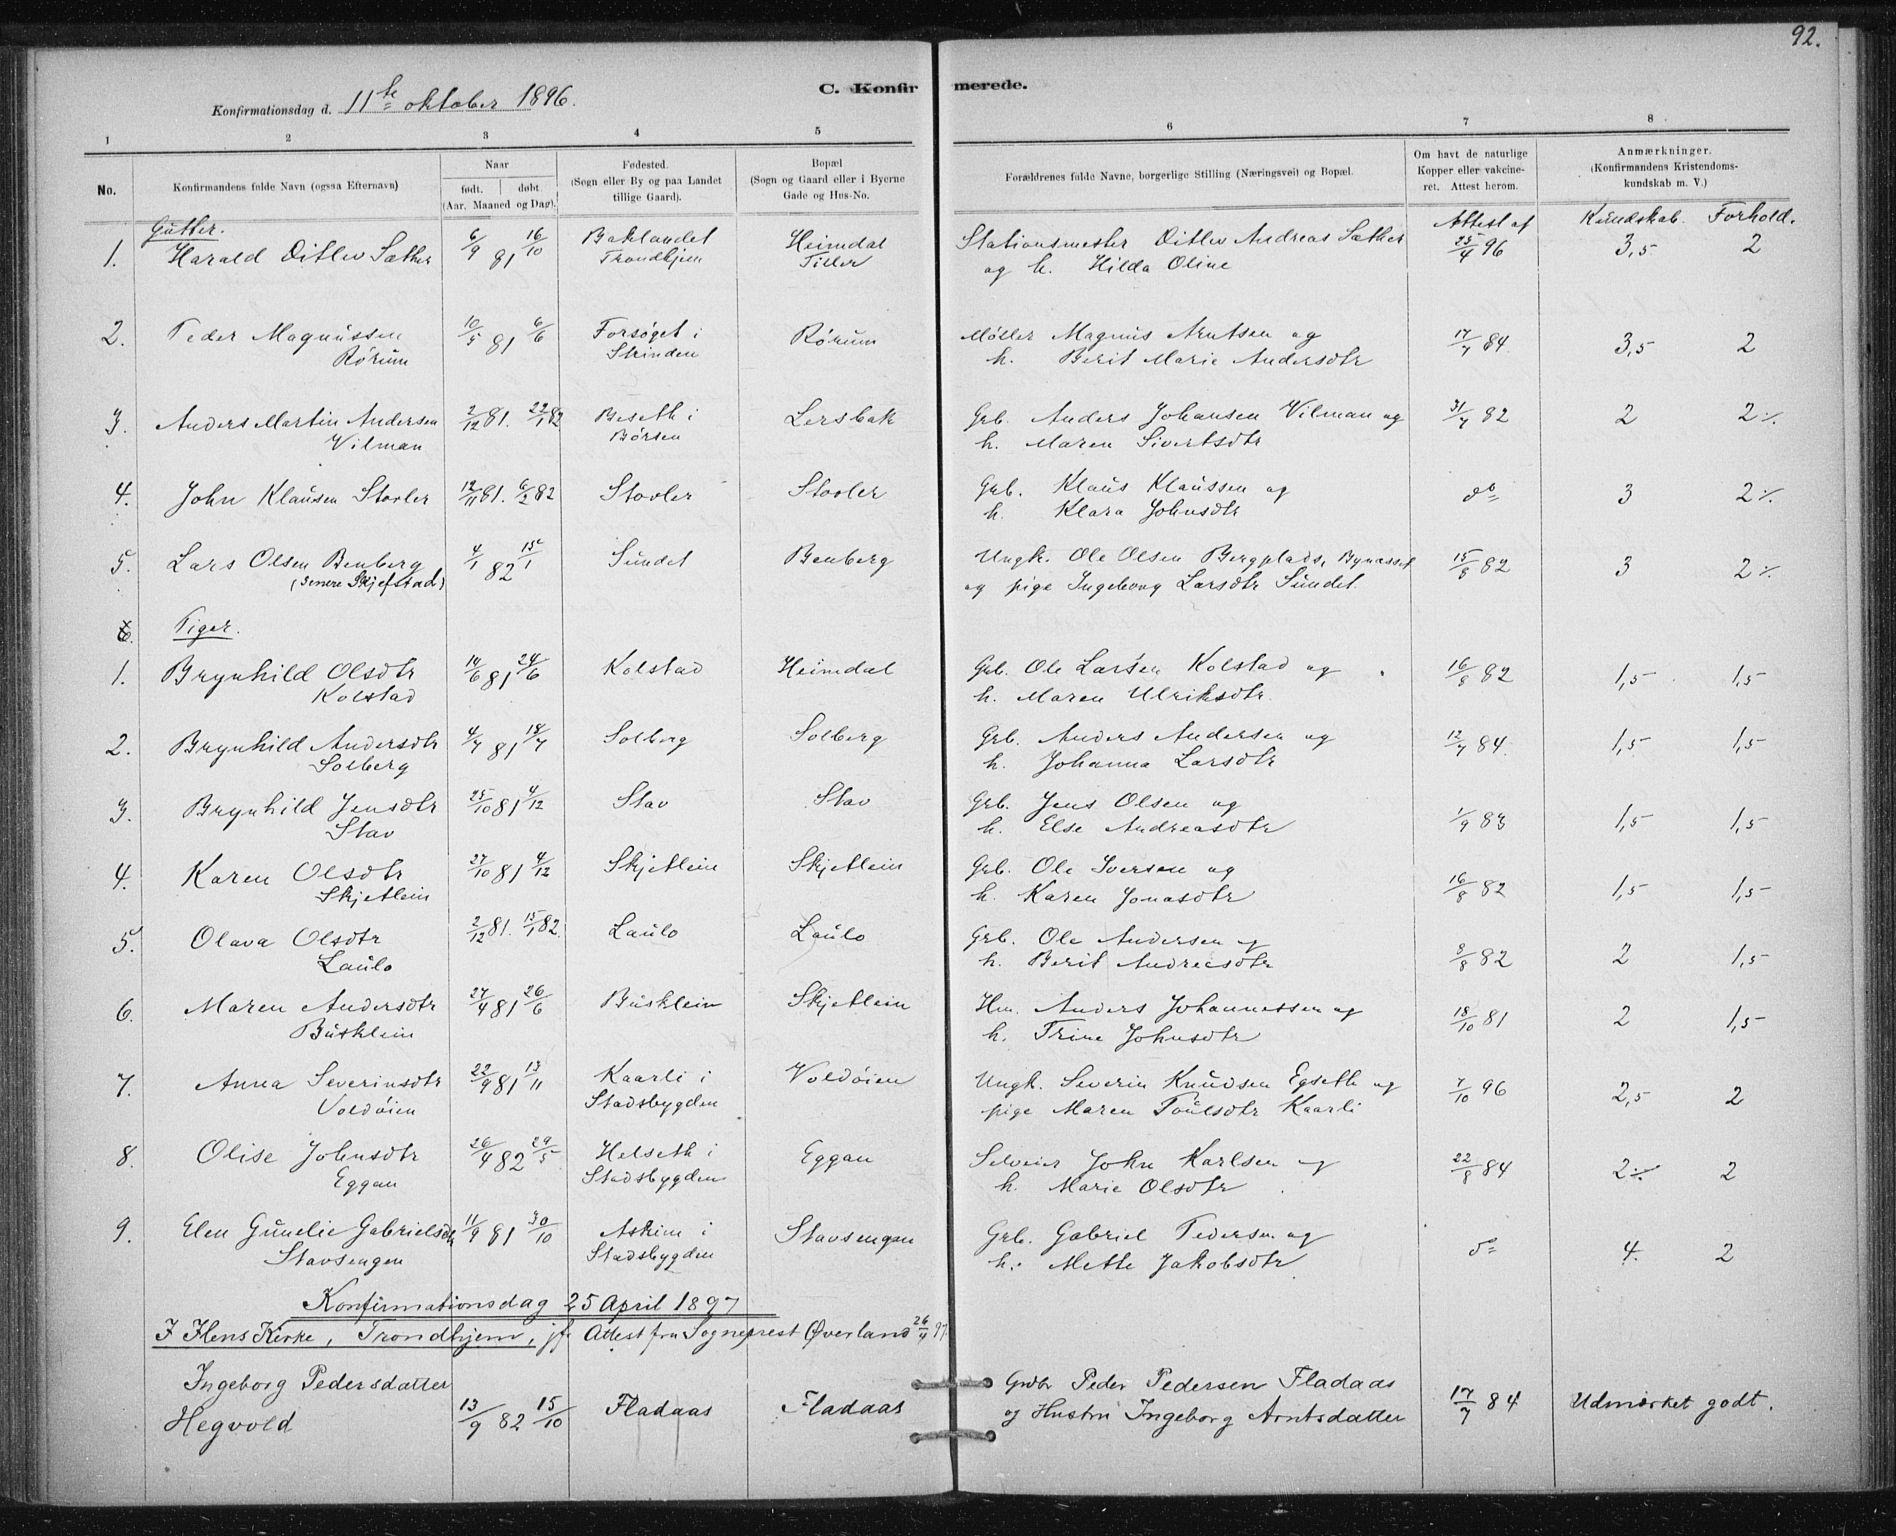 SAT, Ministerialprotokoller, klokkerbøker og fødselsregistre - Sør-Trøndelag, 613/L0392: Ministerialbok nr. 613A01, 1887-1906, s. 92